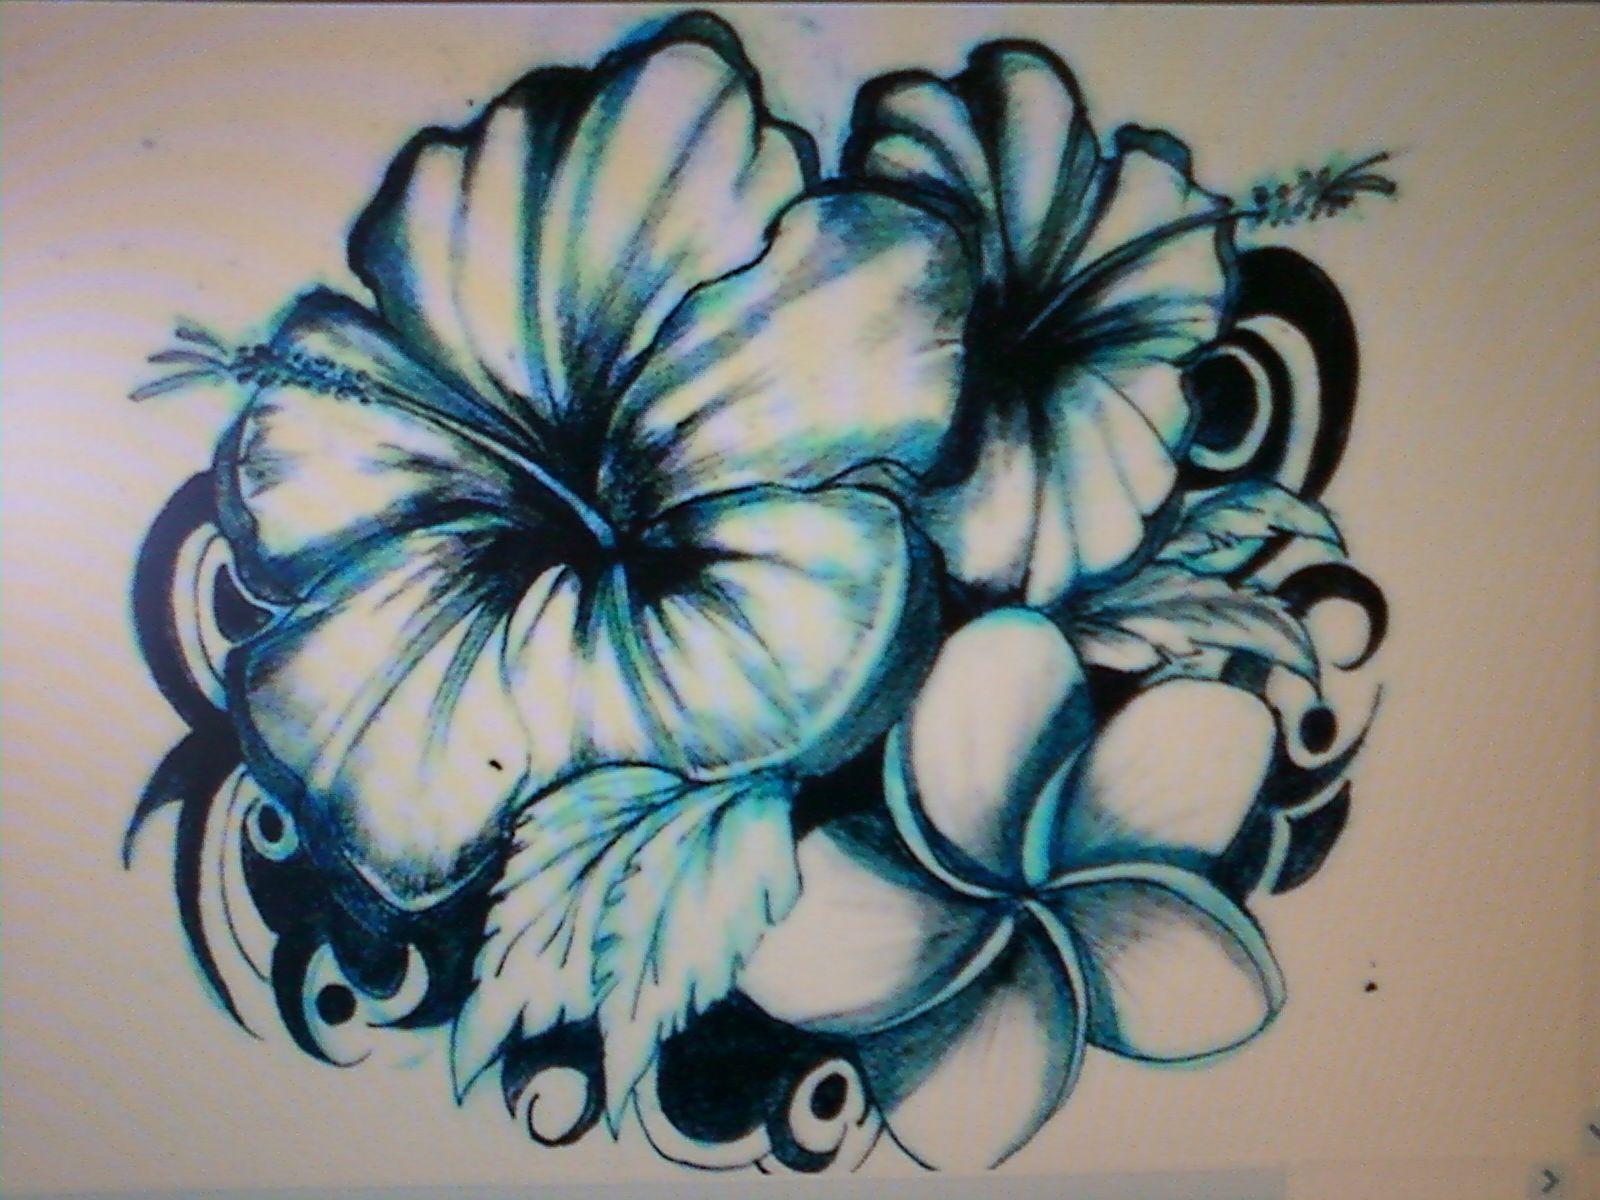 Hawaiian Flower Tattoo Designs Making Big Impression On Todays